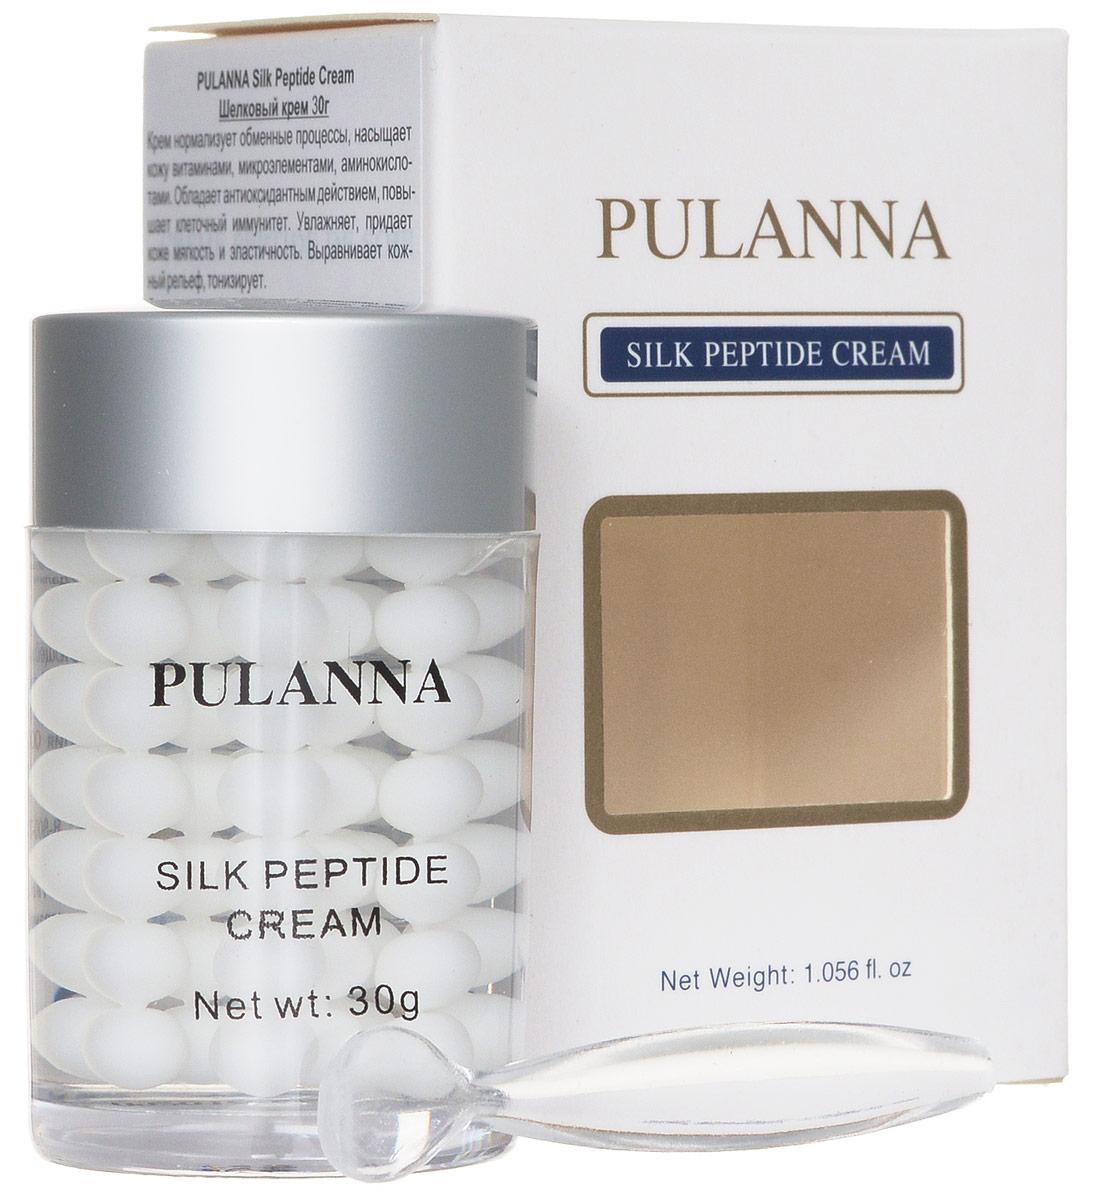 Pulanna Шелковый крем на основе пептидов шелка - Silk Peptide Cream 30 г5902596005207Крем нормализует обменные процессы, насыщает кожу витаминами, микроэлементами, аминокислотами. Обладает антиоксидантным действием, повышает клеточный иммунитет. Увлажняет, придает мягкость и эластичность. Выравнивает кожный рельеф (морщины и линии), тонизирует. Пептиды шелка за счет своей низкомолекулярной структуры обладают высокой проницаемостью и запускают ряд биохимических реакций, направленных на восстановление клеток кожи. Пептиды шелка богаты аминокислотами и олигопептидами, необходимыми для обменных процессов. В результате улучшаются микроциркуляция, лимфоток, структура кожи, а также разглаживаются морщины и восстанавливается здоровый цвет лица. Аминокислоты мгновенно заполняют все повреждения и неровности на коже, возвращая ей гладкость и мягкость. Являются отличными резервуарами влаги и компенсируют обезвоженность кожи.Пептиды шелка один из немногих компонентов, на который практически не бывает аллергических реакций, что делает их незаменимым компонентом для людей с чувствительной и аллергичной кожей. Прекрасная основа под макияж.Рекомендуется с 40 лет в качестве основного ухода, с 35 лет в качестве интенсивного восстановления. Подходит для чувствительной, аллергичной кожи.